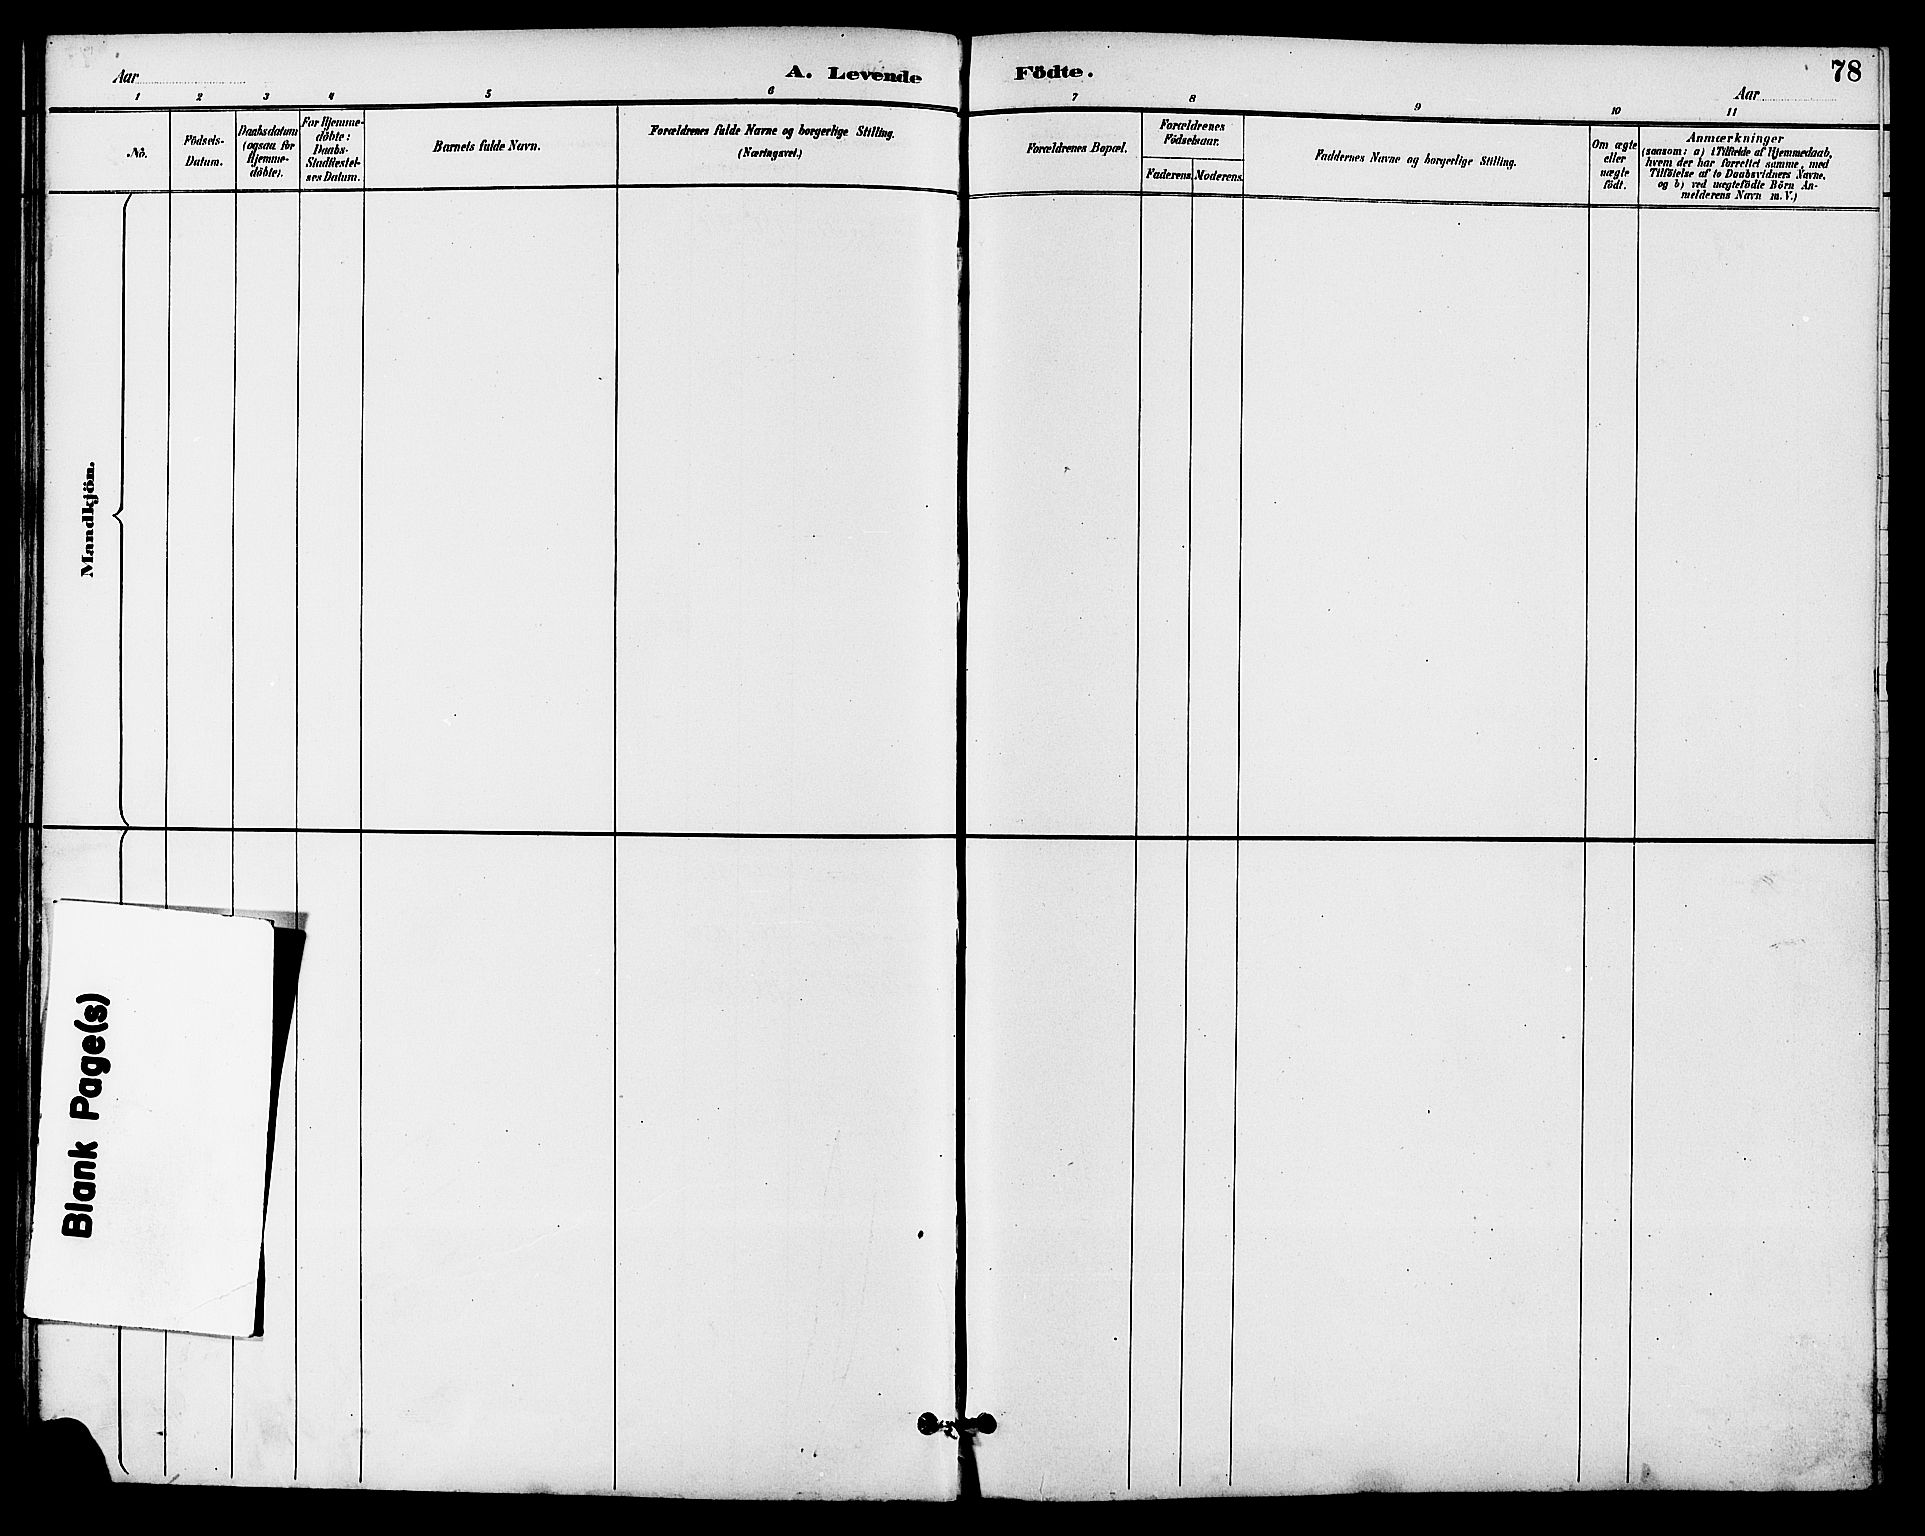 SAKO, Seljord kirkebøker, G/Ga/L0005: Klokkerbok nr. I 5, 1887-1914, s. 78